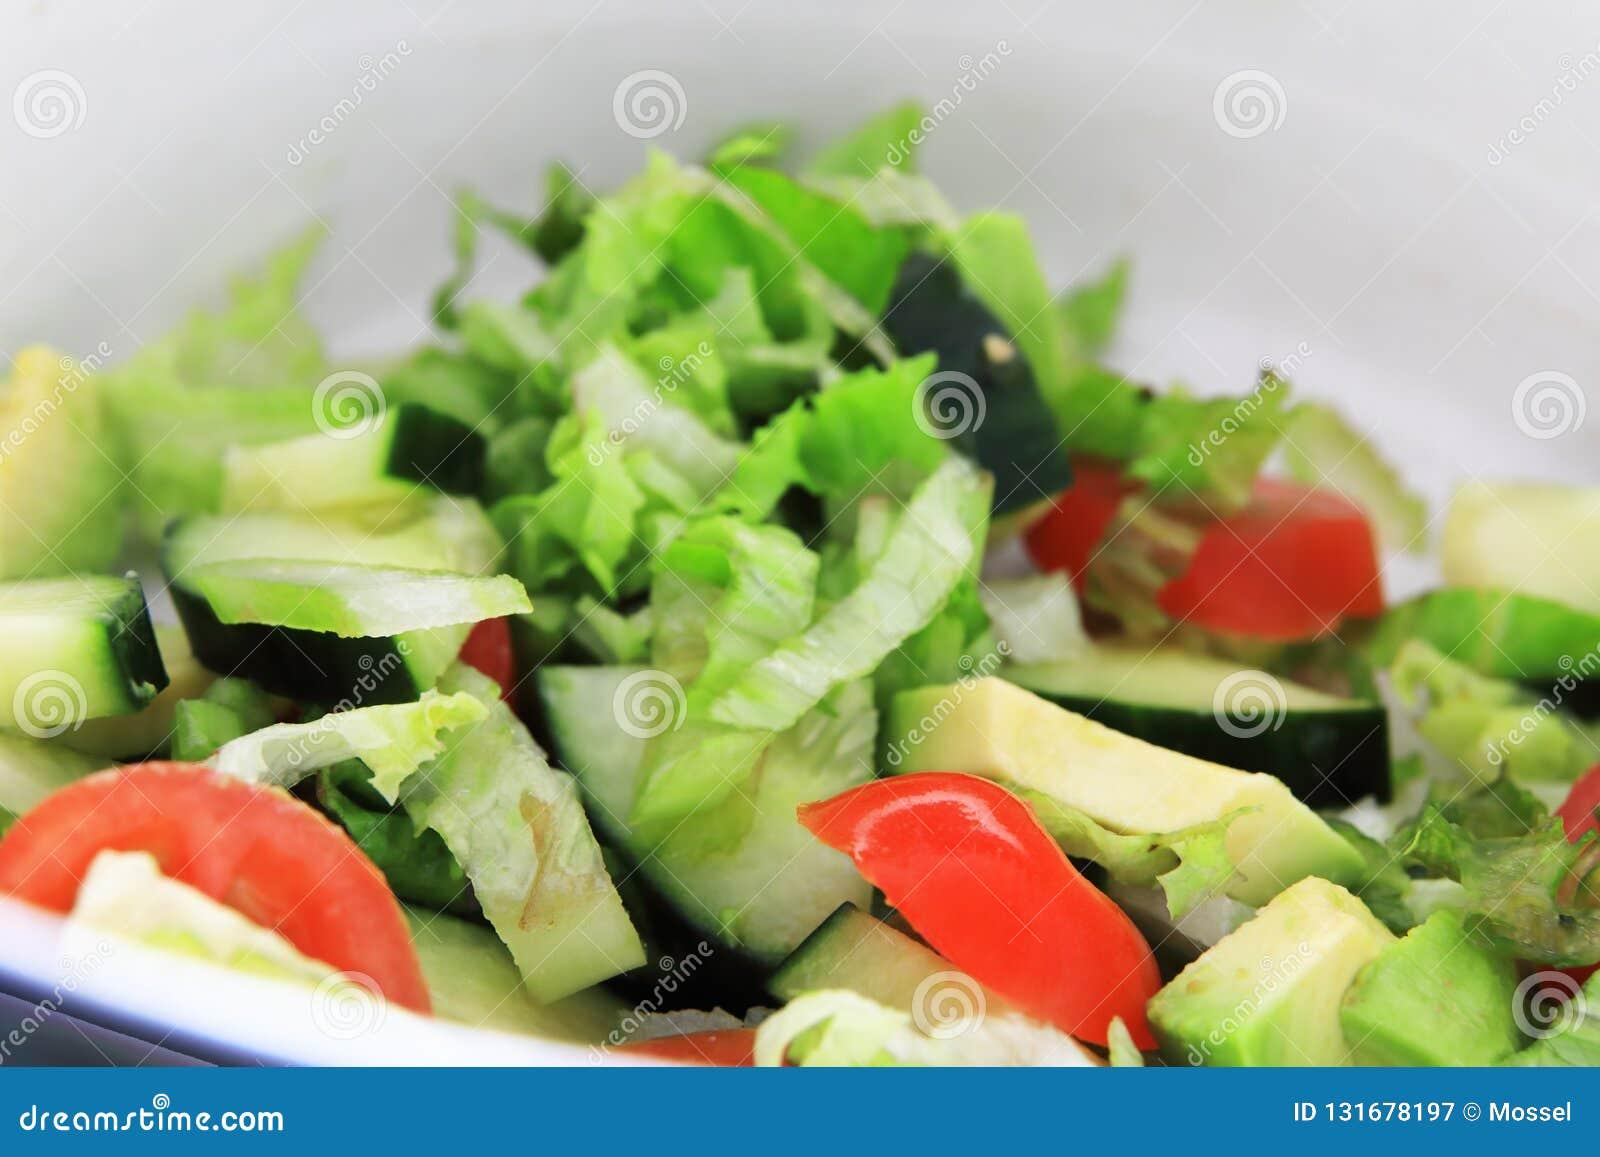 Un beau, frais seau de salades donne à un repas l équilibre essentiel pour alimenter un corps affamé Tomates, concombre, avacado